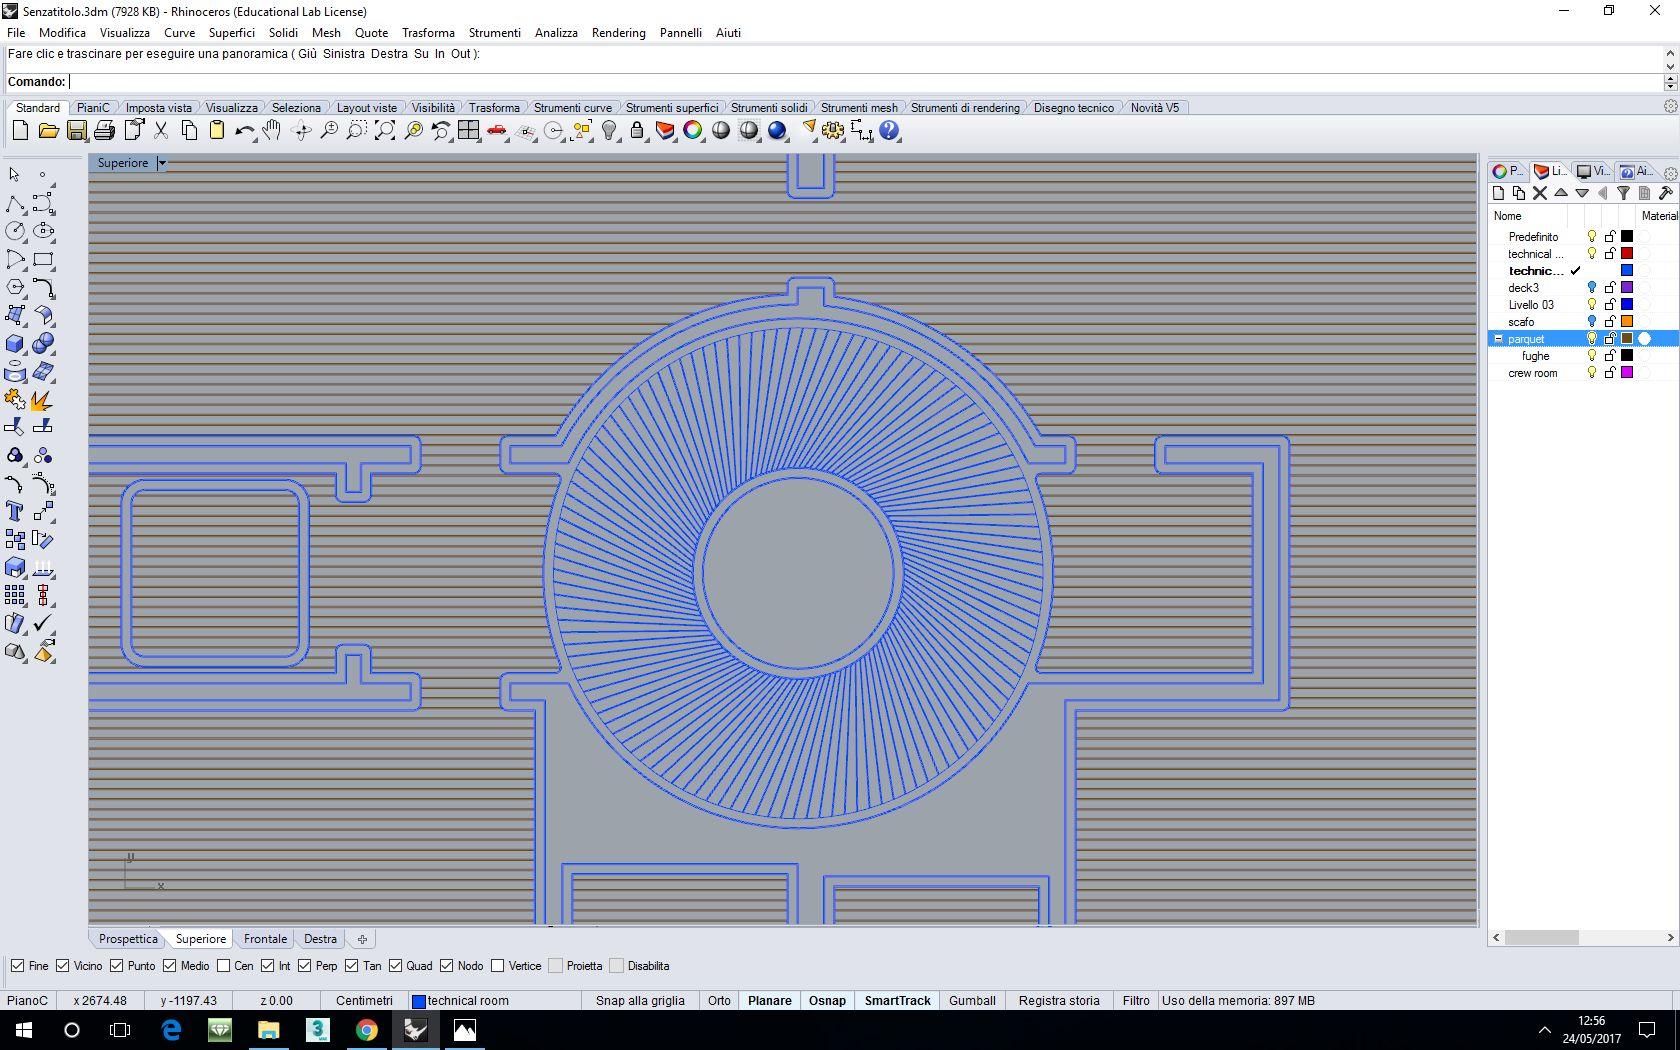 Screenshot - 24_05_2017 , 12_56_26.jpg